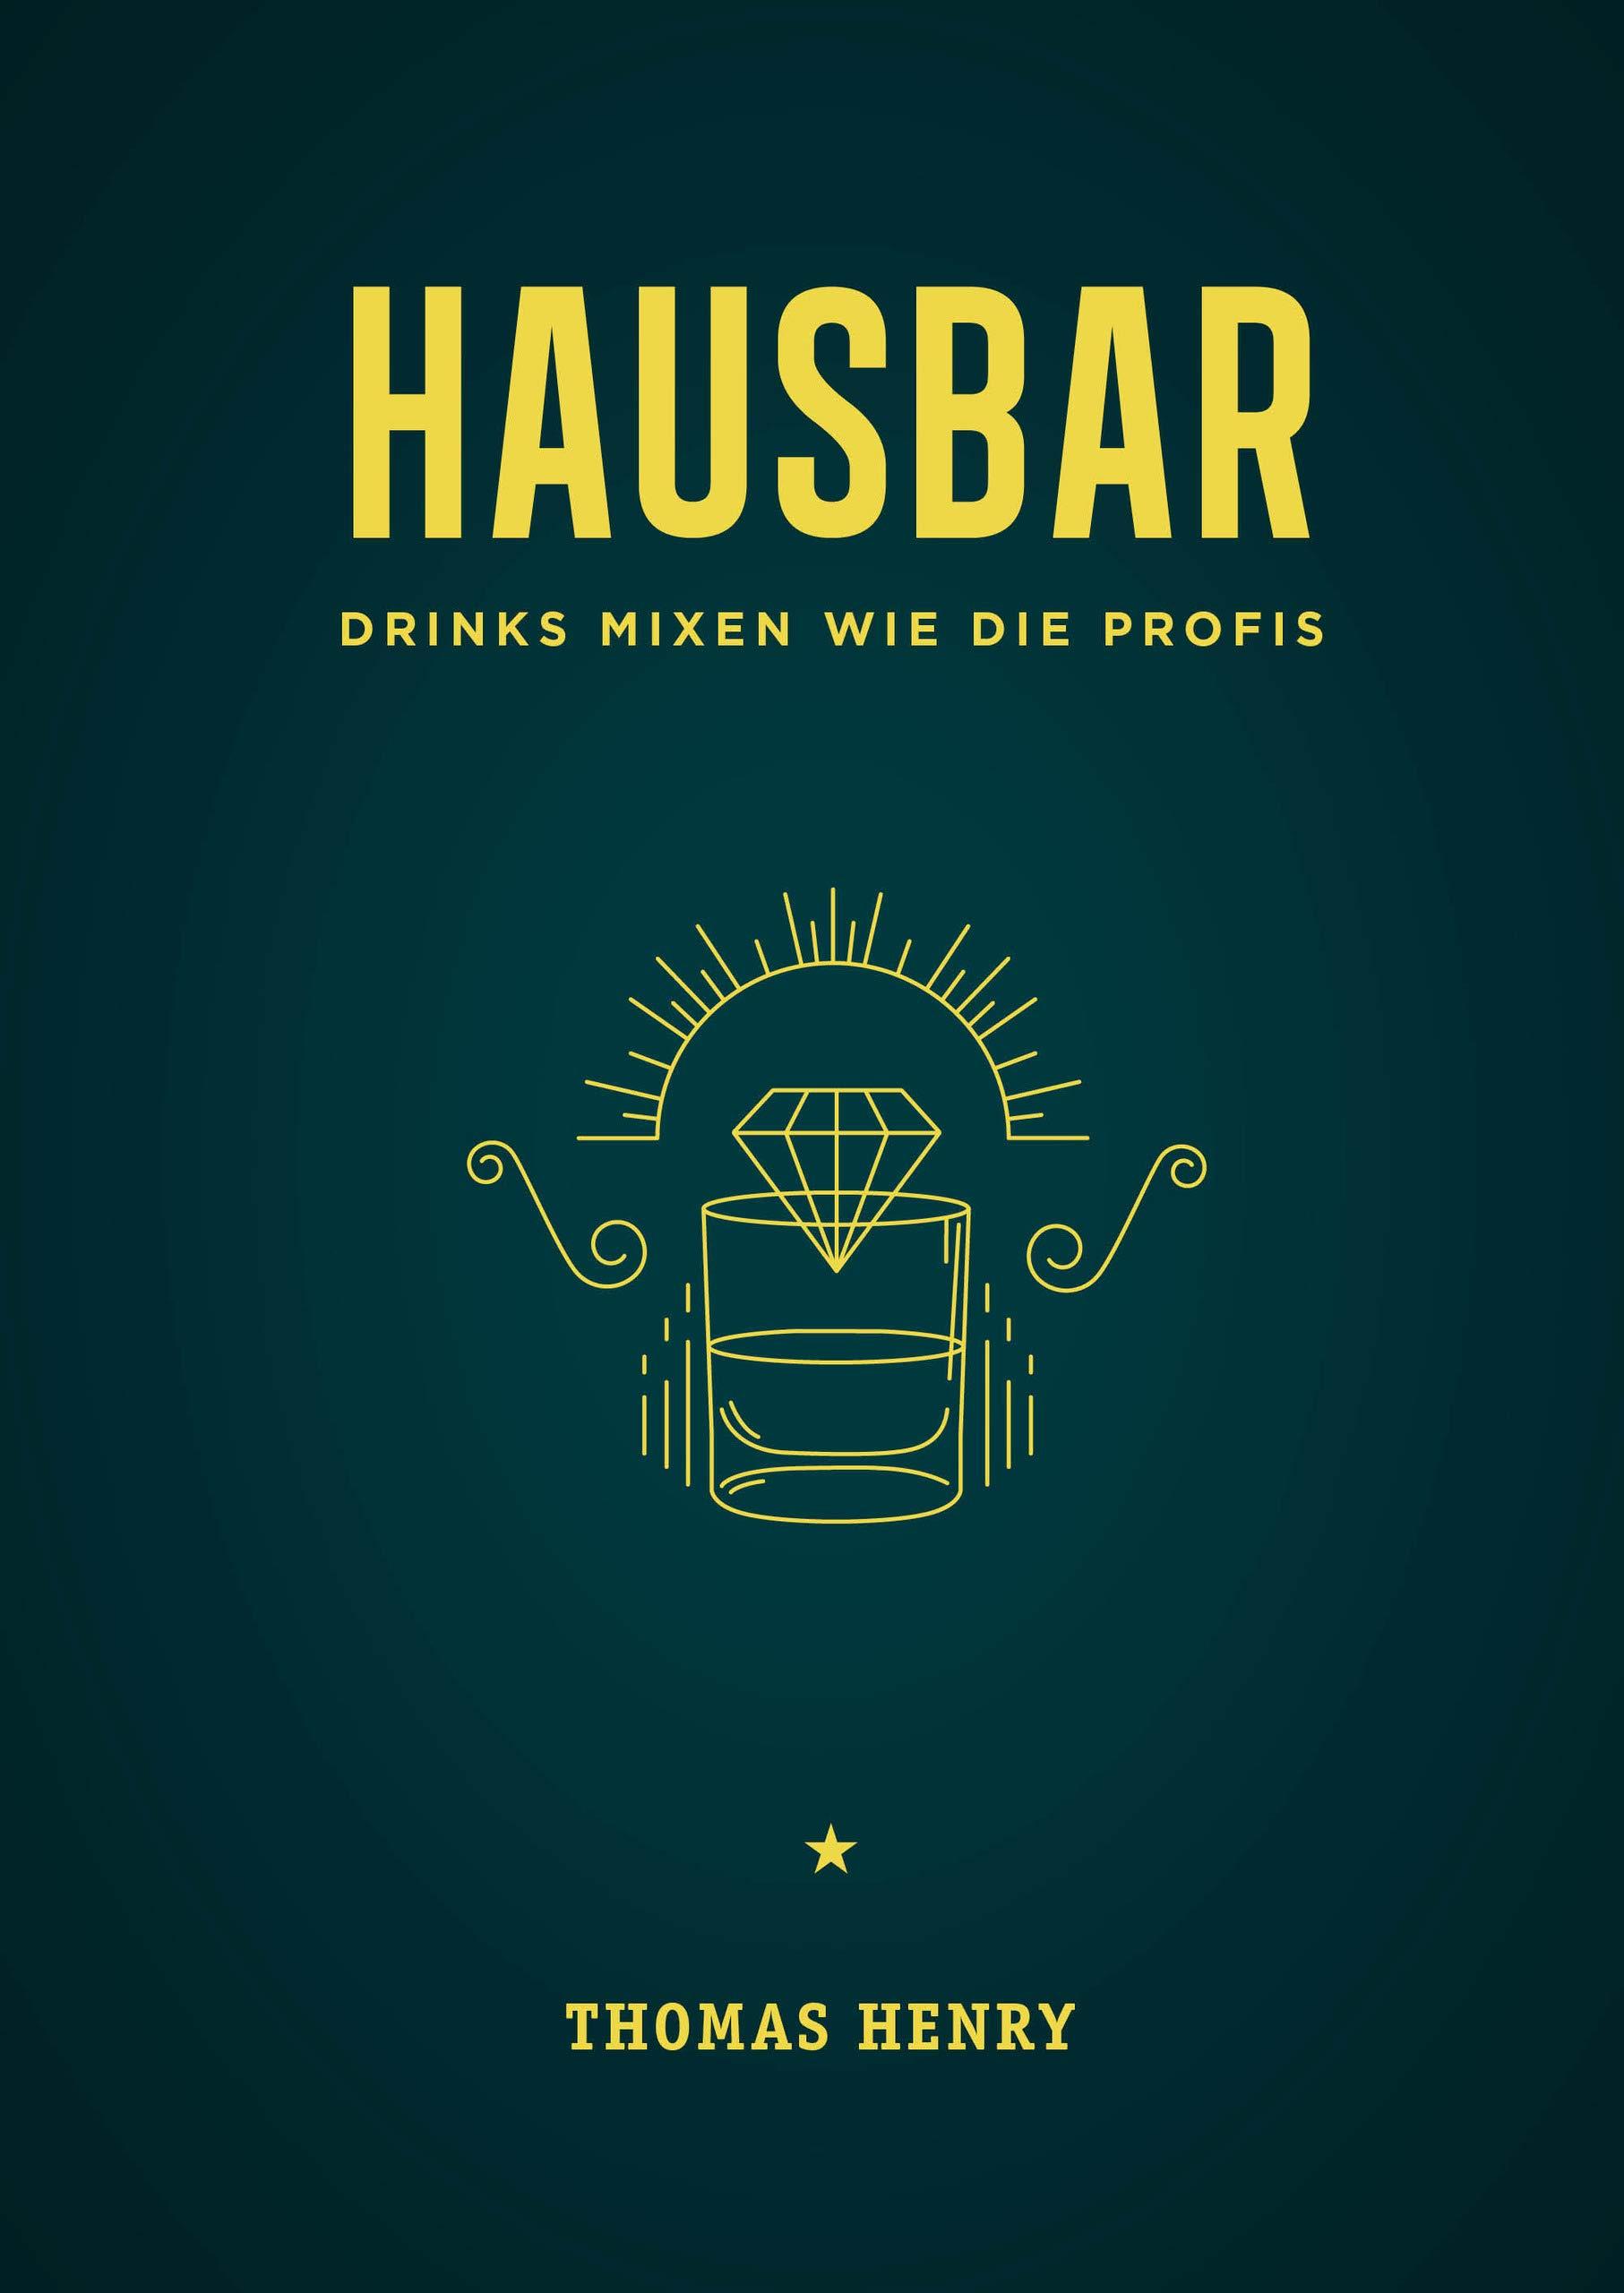 hausbar-drinks-mixen-wie-die-profis